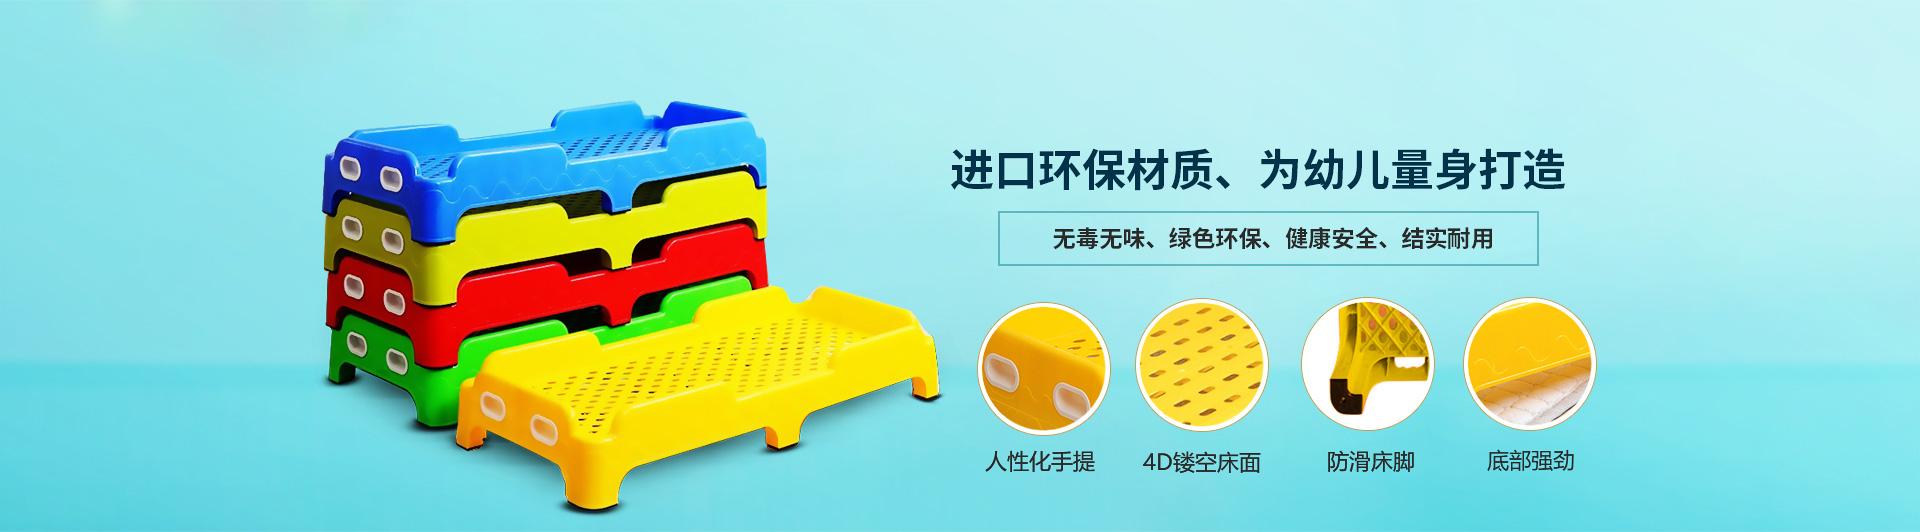 塑料一体床,进口环保材质,为幼儿量身打造